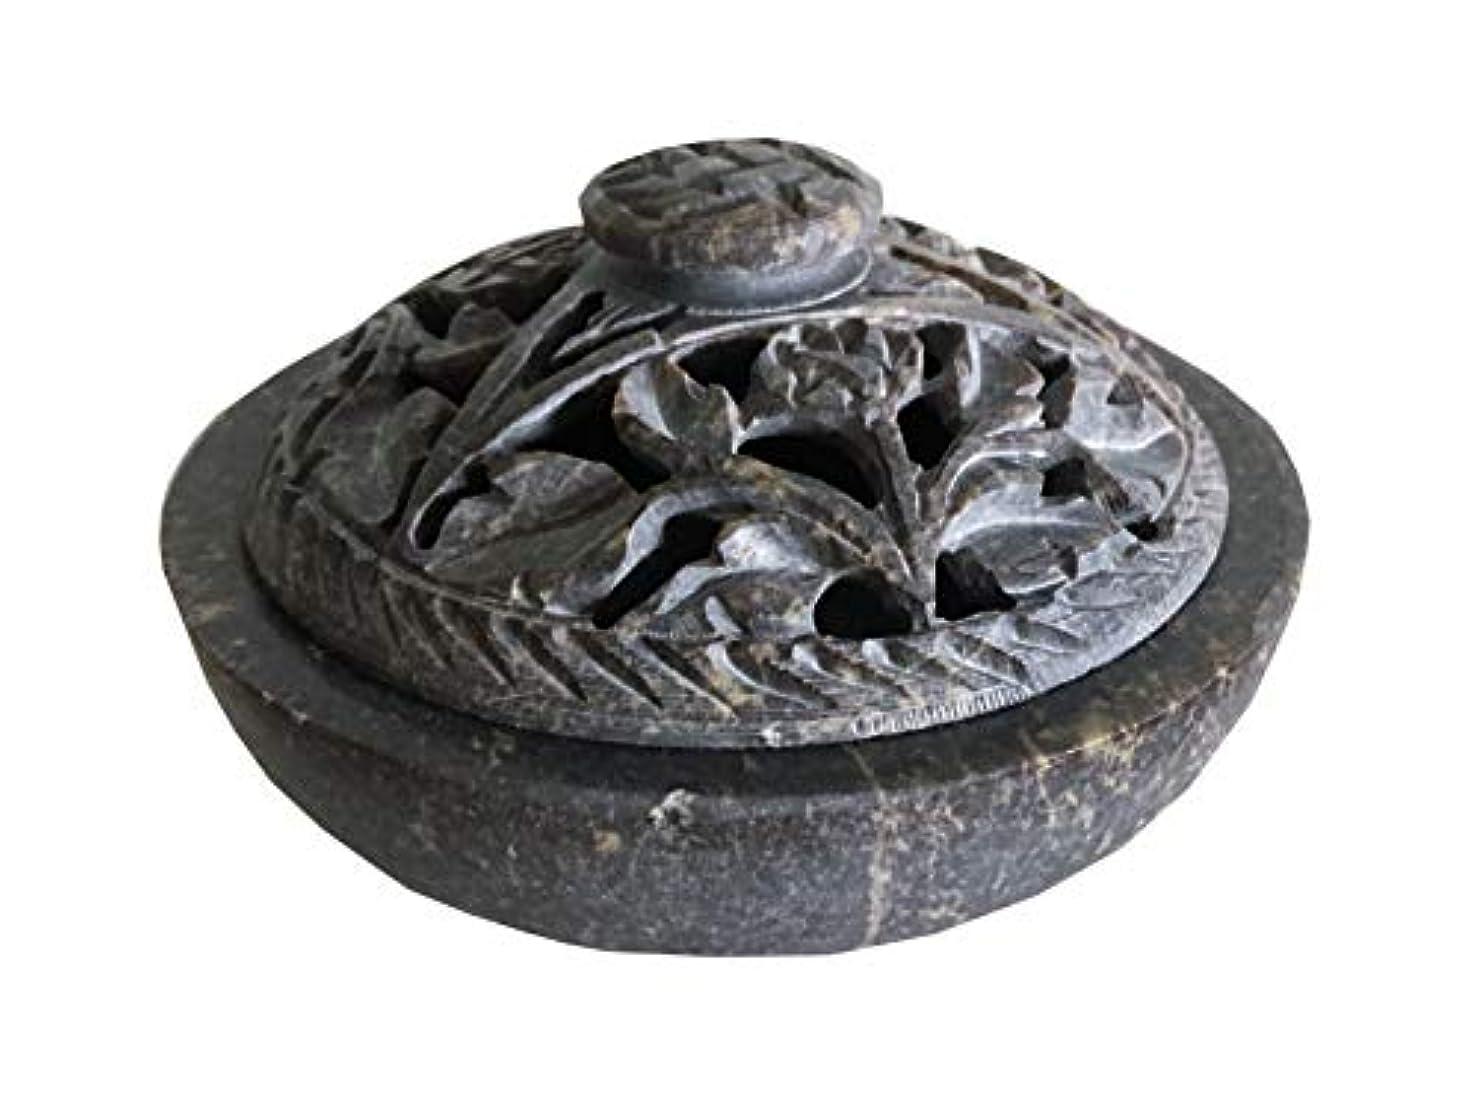 輪郭悲しいことに恐れNaiソープストーン/ストーン香炉ボウル、ポット、Jarコーンの、スティック、Resinsまたはcharcoal-flowerパターンj825